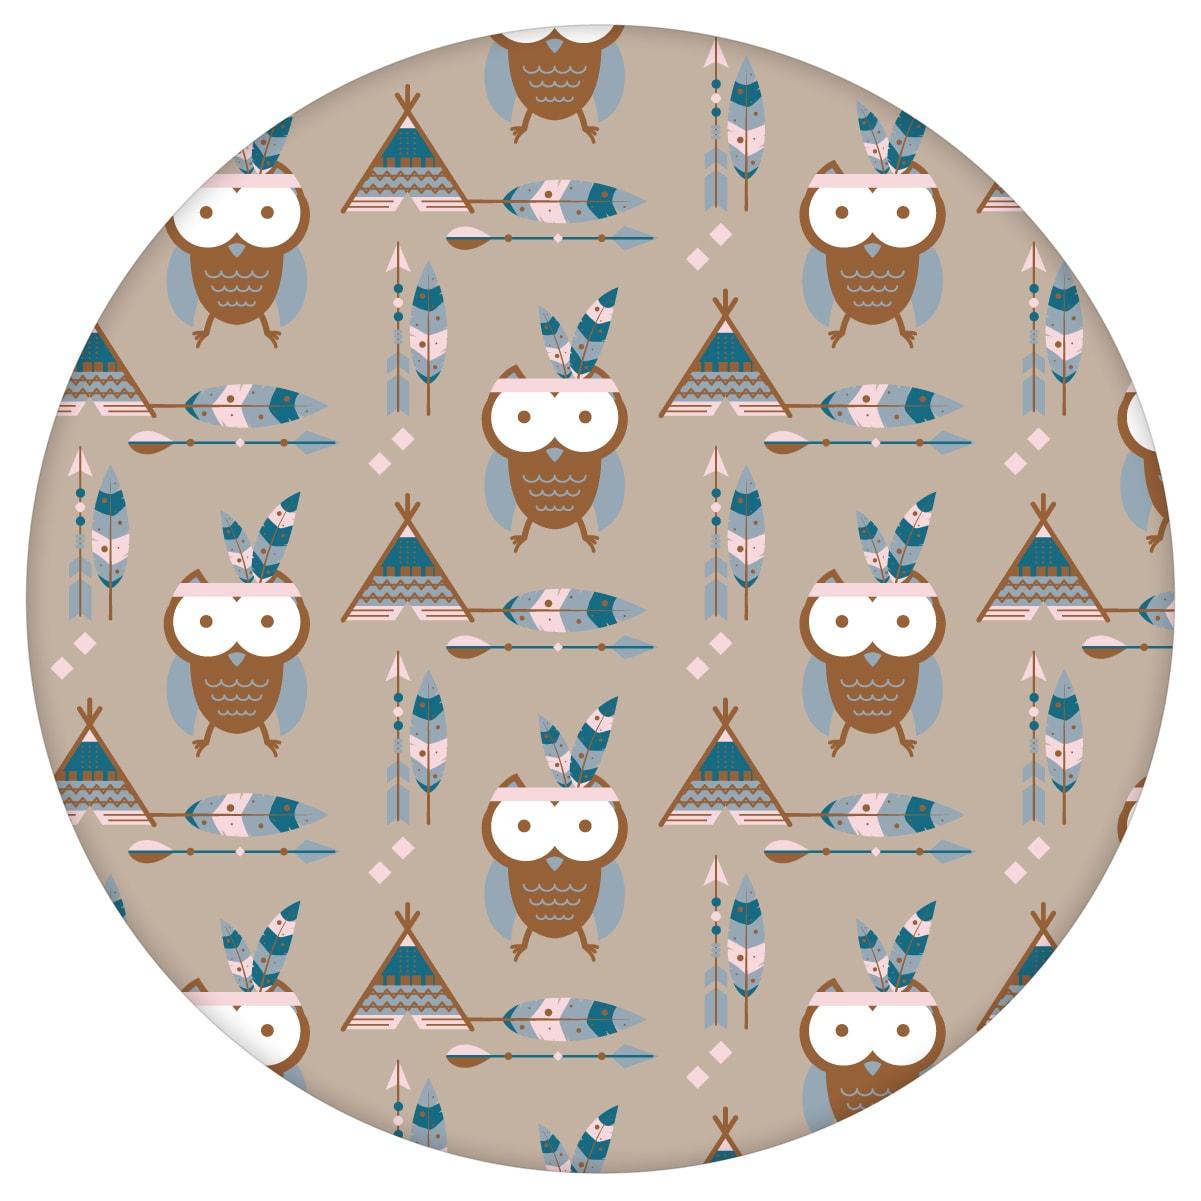 Süße Kindertapete Indianer Eulen mit Federn in braun - Design Tapete für Spielzimmer aus den Tapeten Neuheiten Exklusive Tapete für schönes Wohnen als Naturaltouch Luxus Vliestapete oder Basic Vliestapete